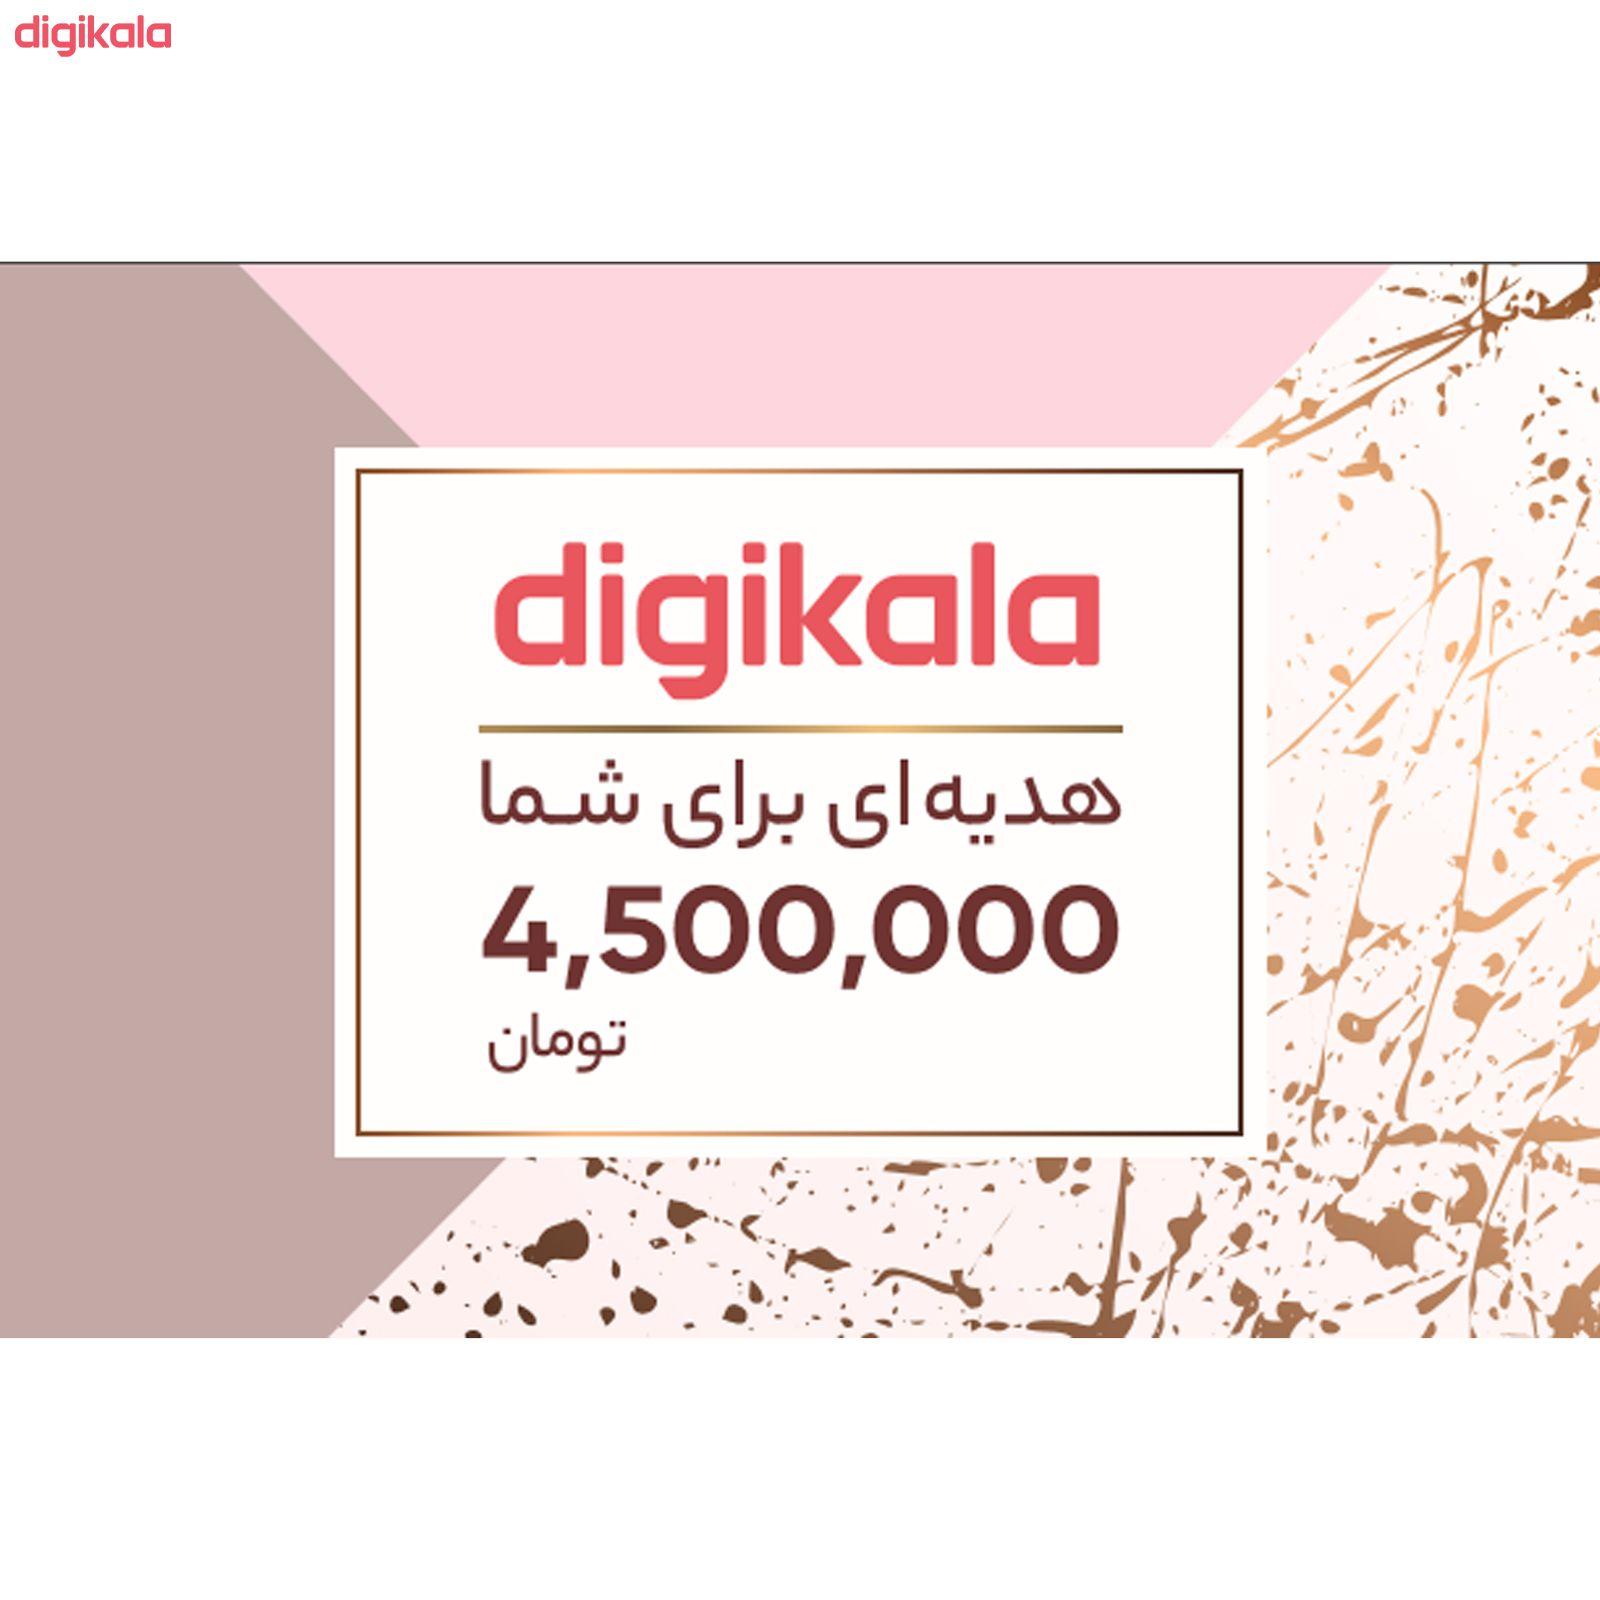 کارت هدیه دیجی کالا به ارزش 4,500,000 تومان طرح یاس main 1 1